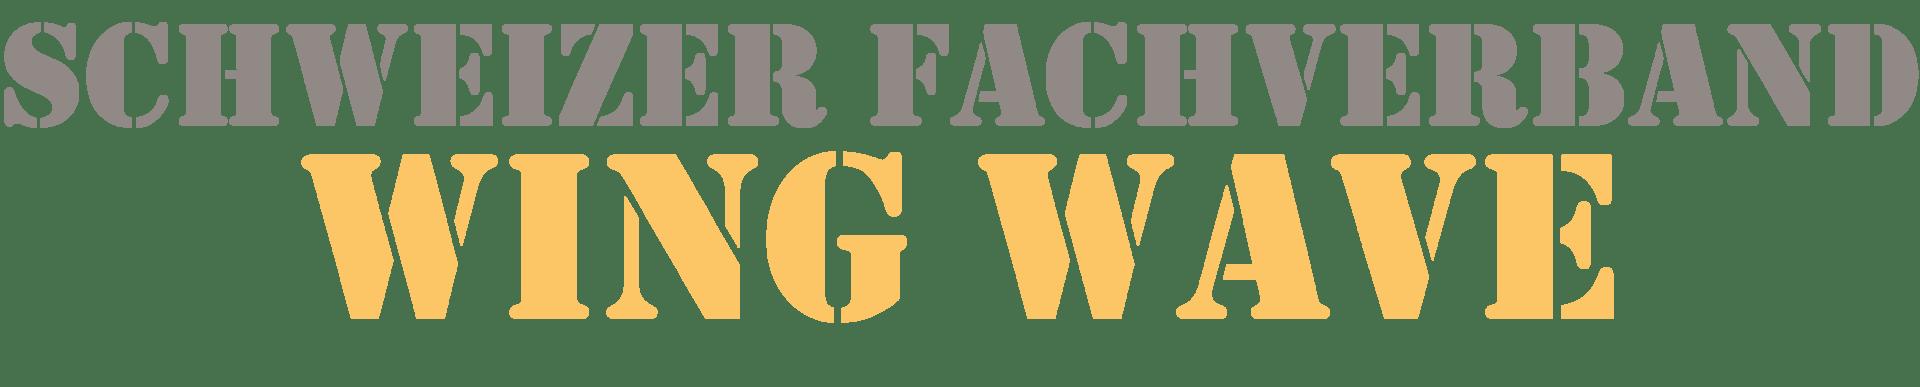 vpt-logo-wingwave